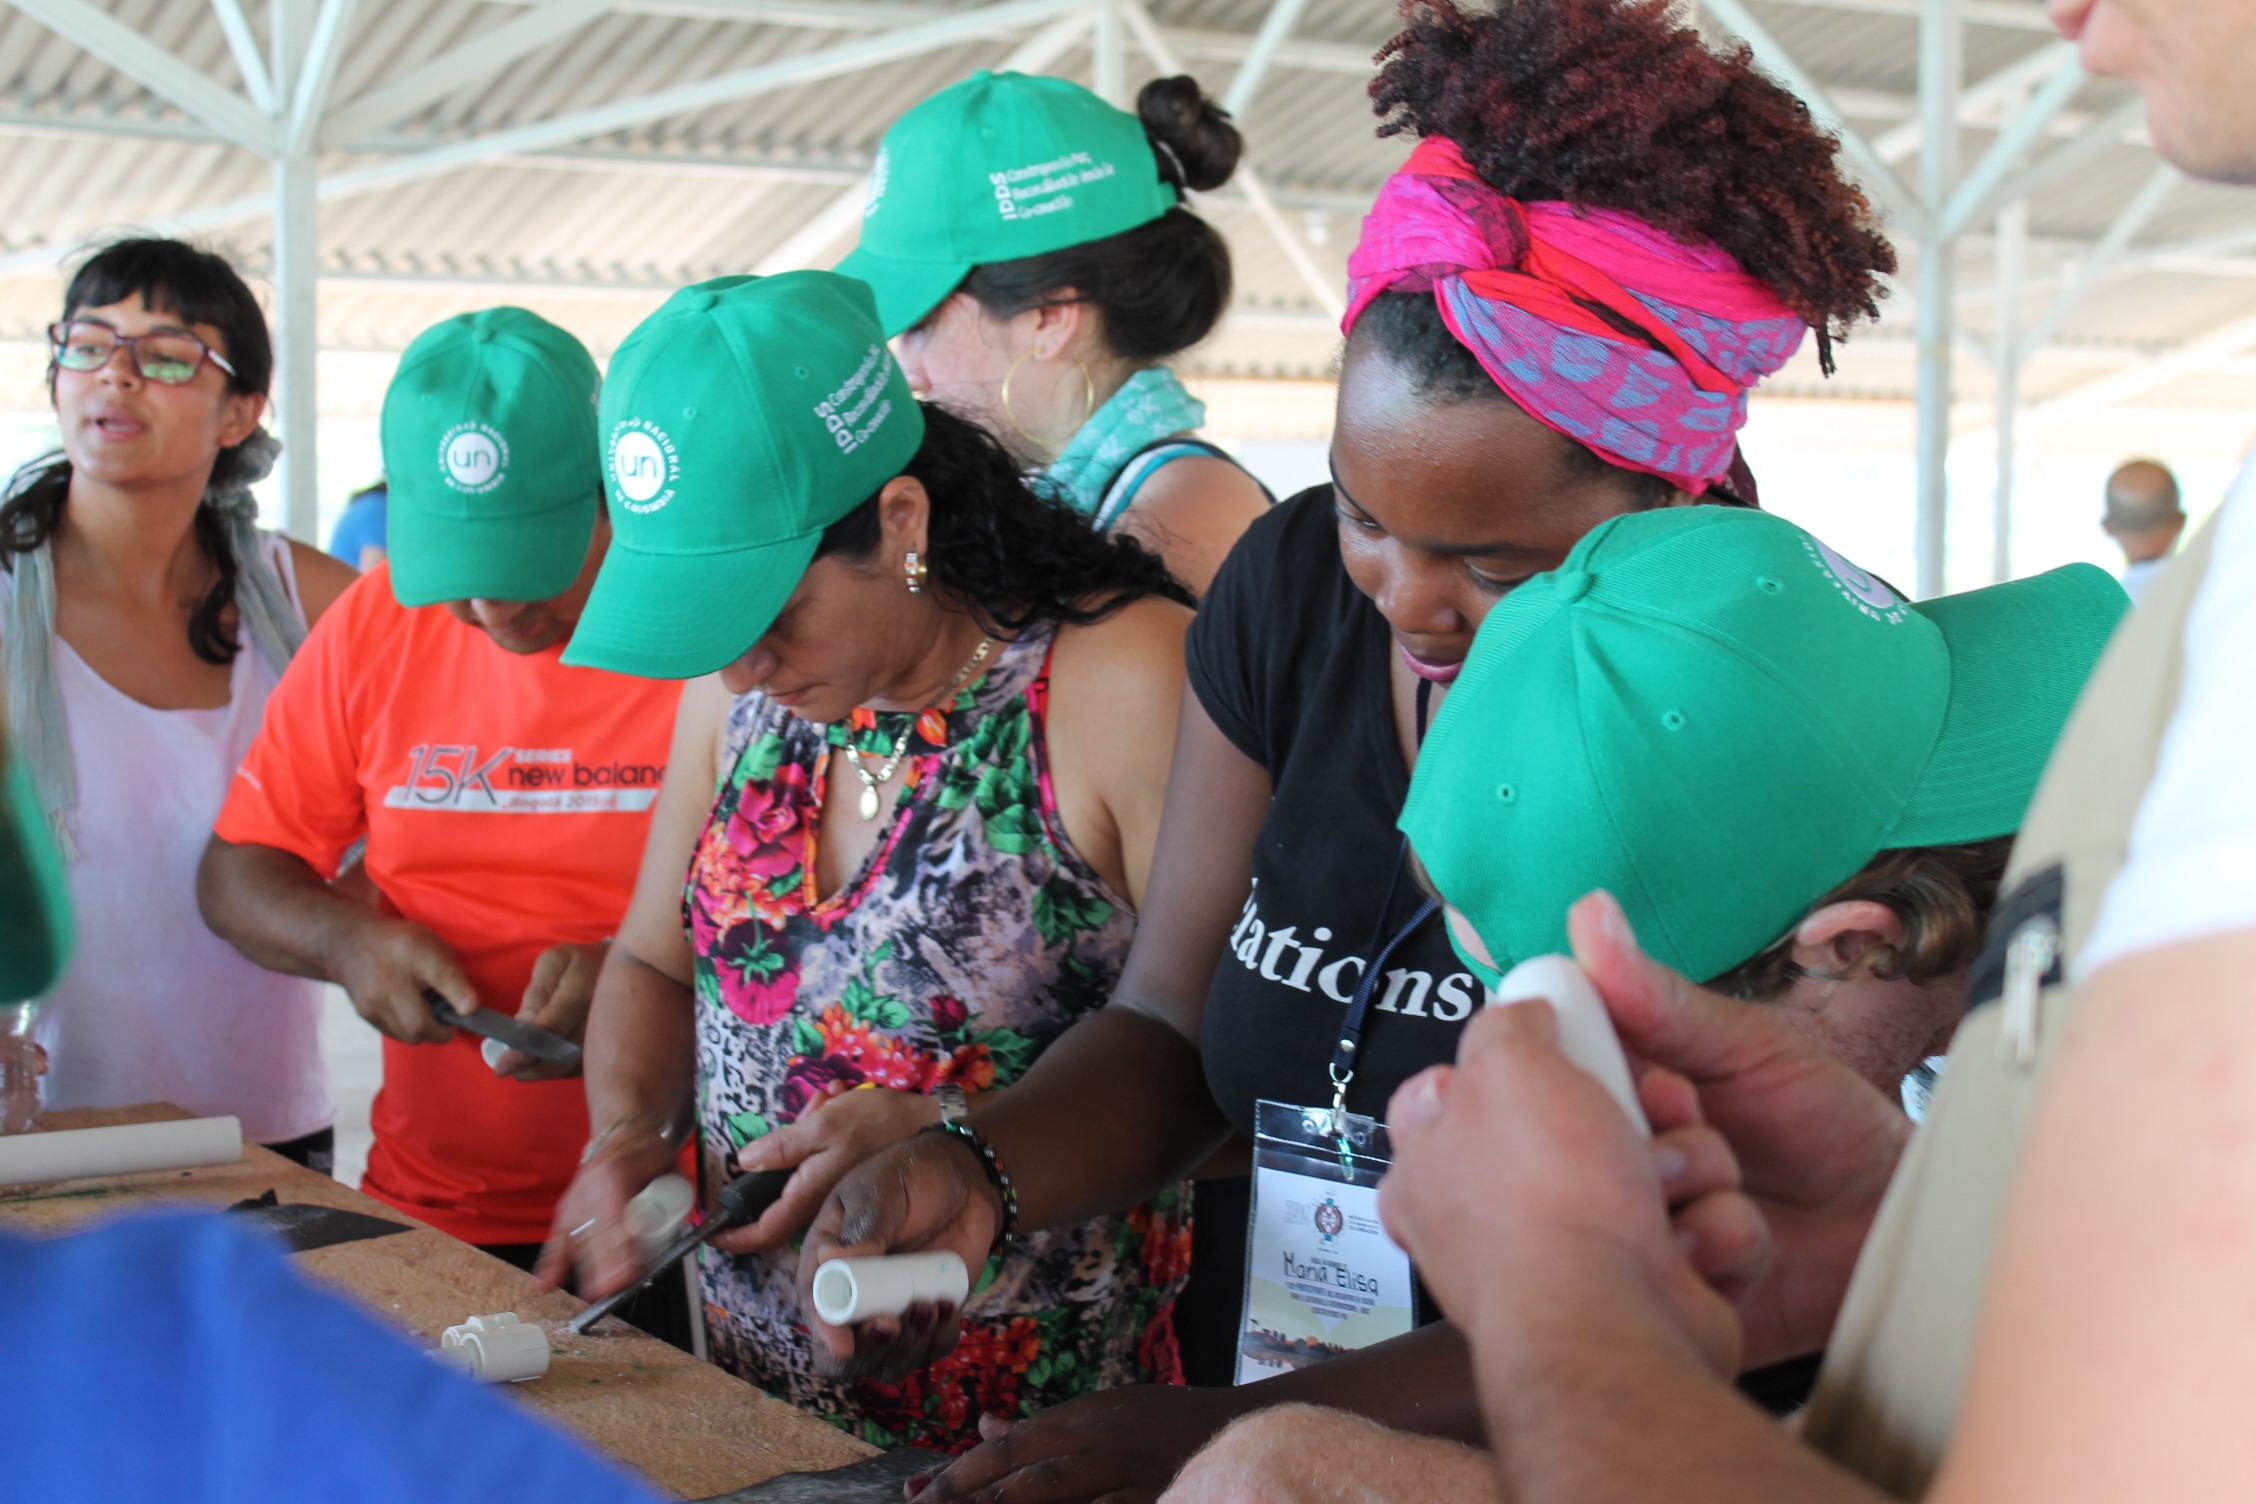 Foto: Diana M. Becerra B. / Dirección de Investigación y Extensión sede Bogotá (DIEB)